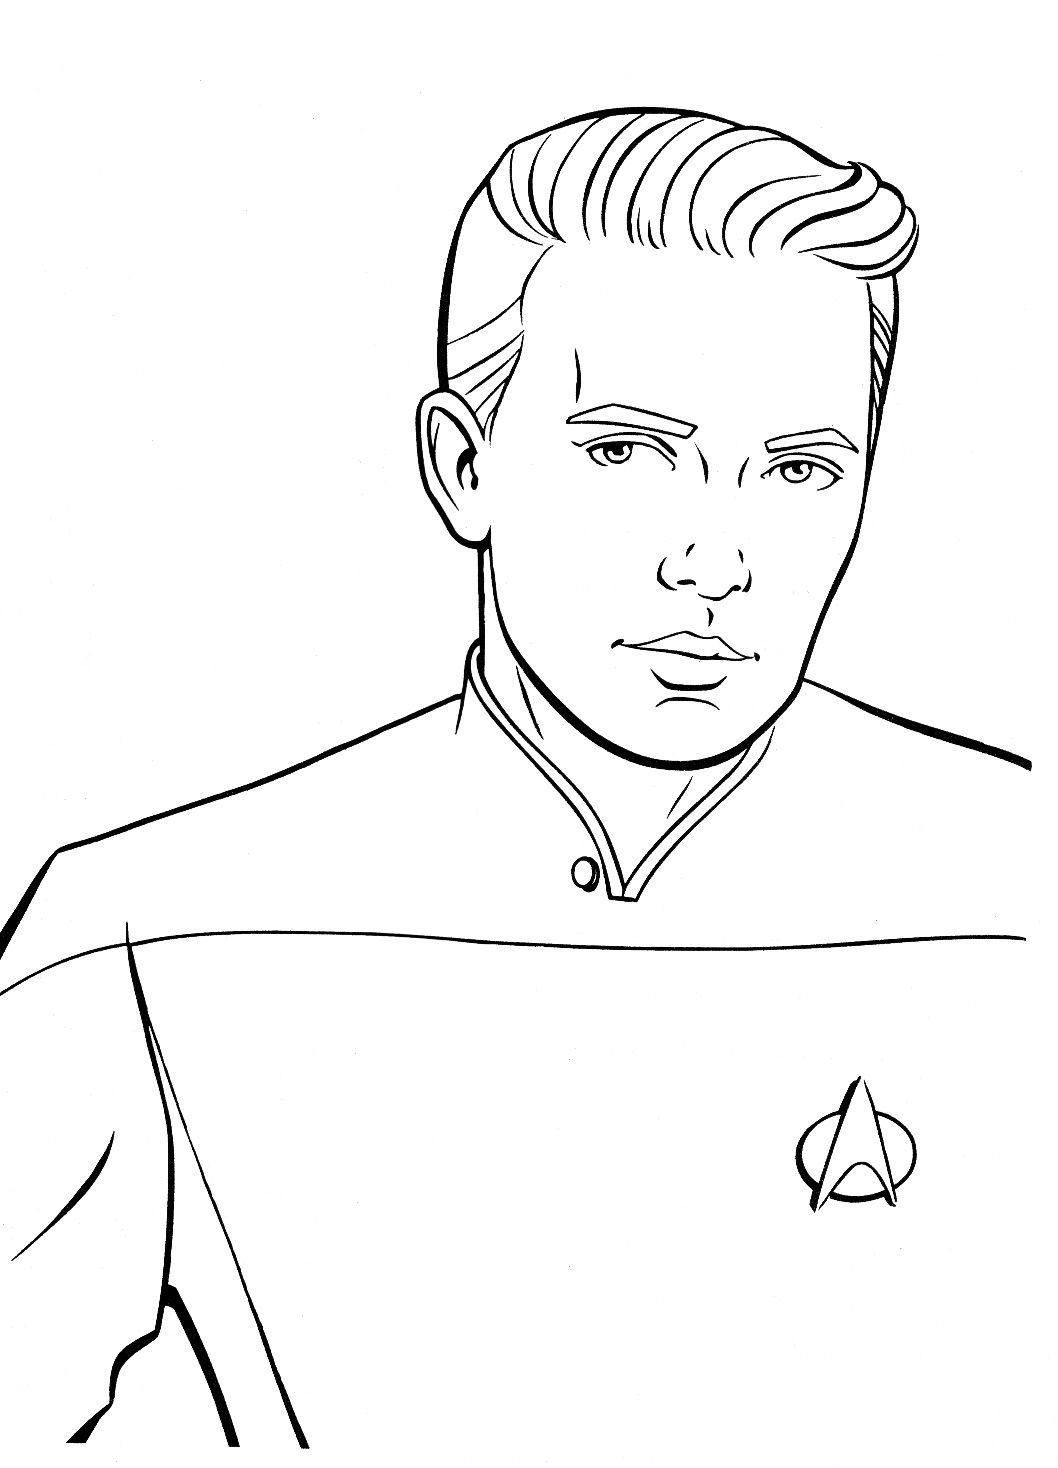 The Best Scenes From Insane Old Star Trek Coloring Books Star Coloring Pages Coloring Pages Star Trek Quilt